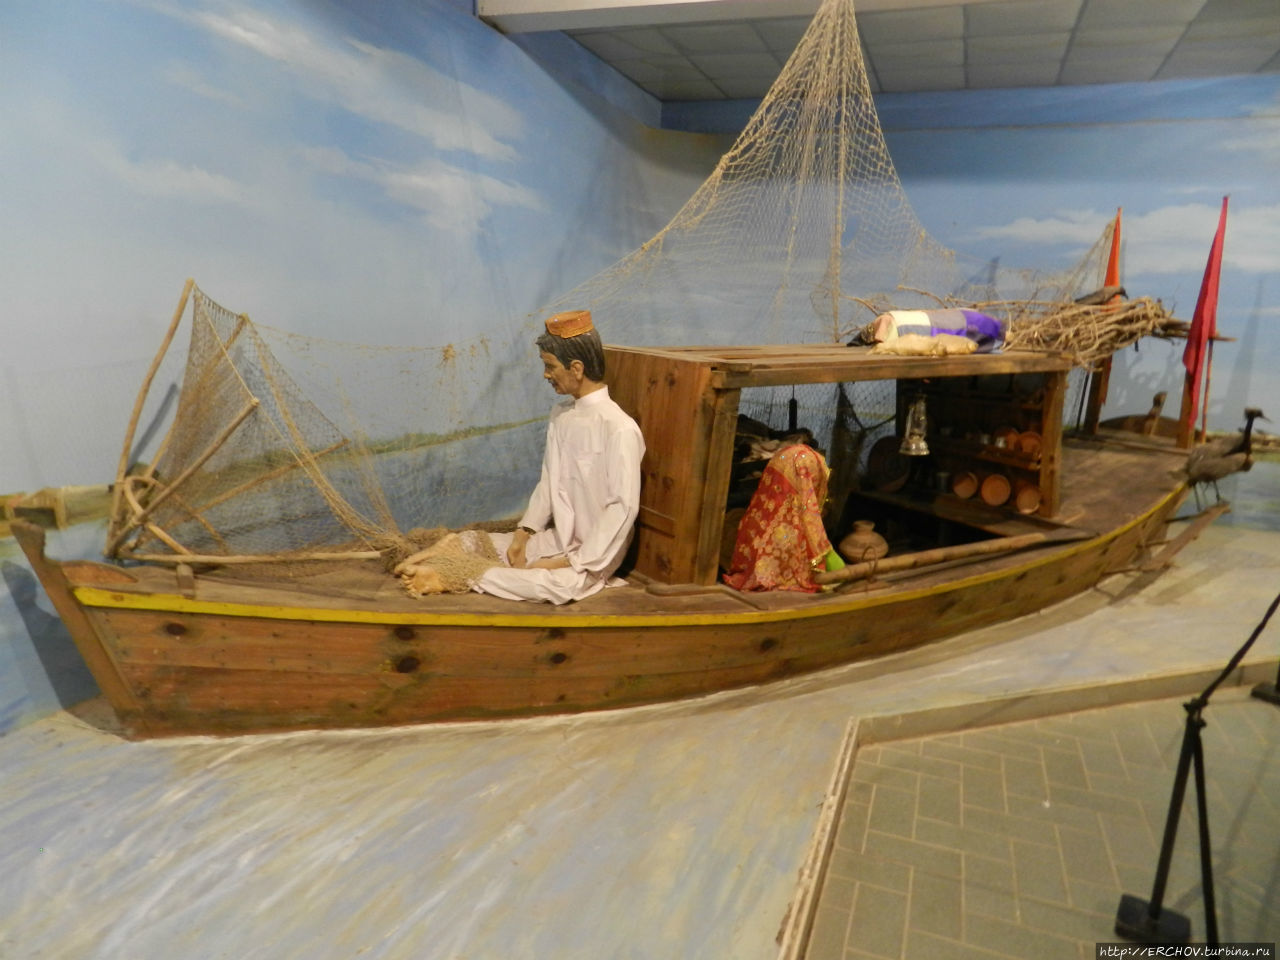 Лок Вирса музей — самый лучший краеведческий музей Пакистана